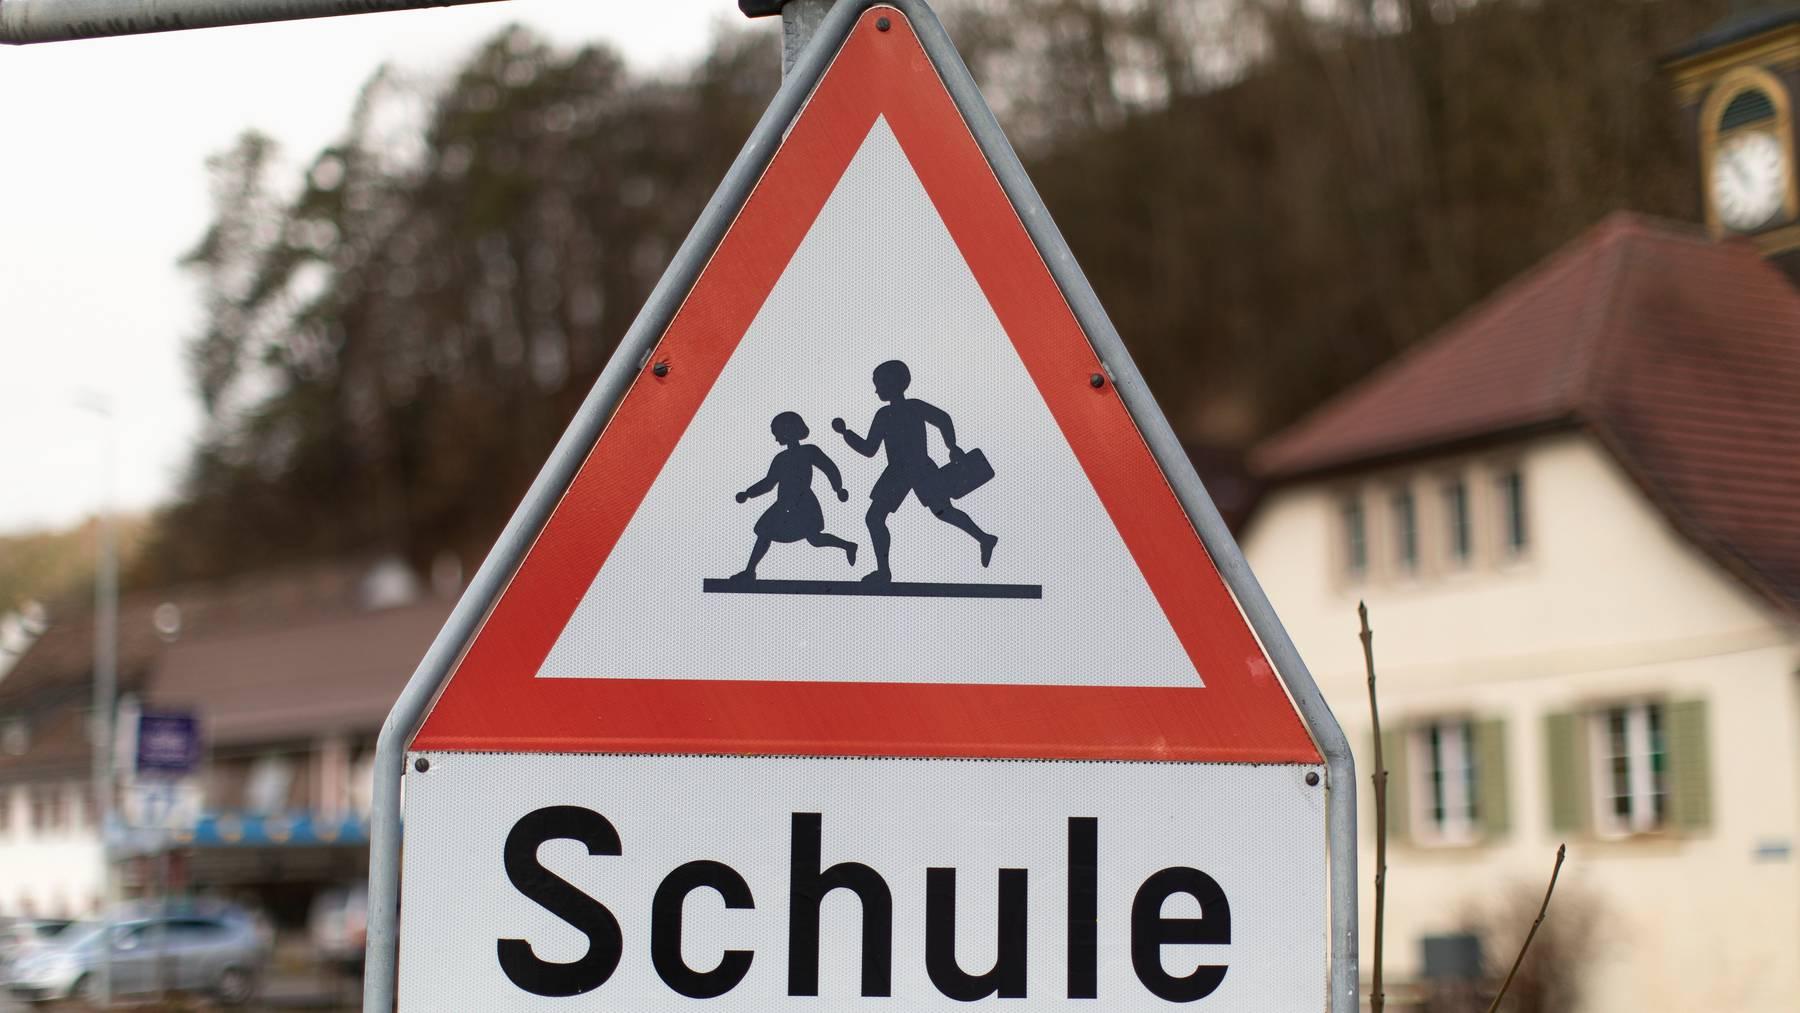 Kinder verhalten sich auf dem Trottoir und auf der Strasse oft überraschend, deshalb müssten Autofahrer besonders aufpassen.